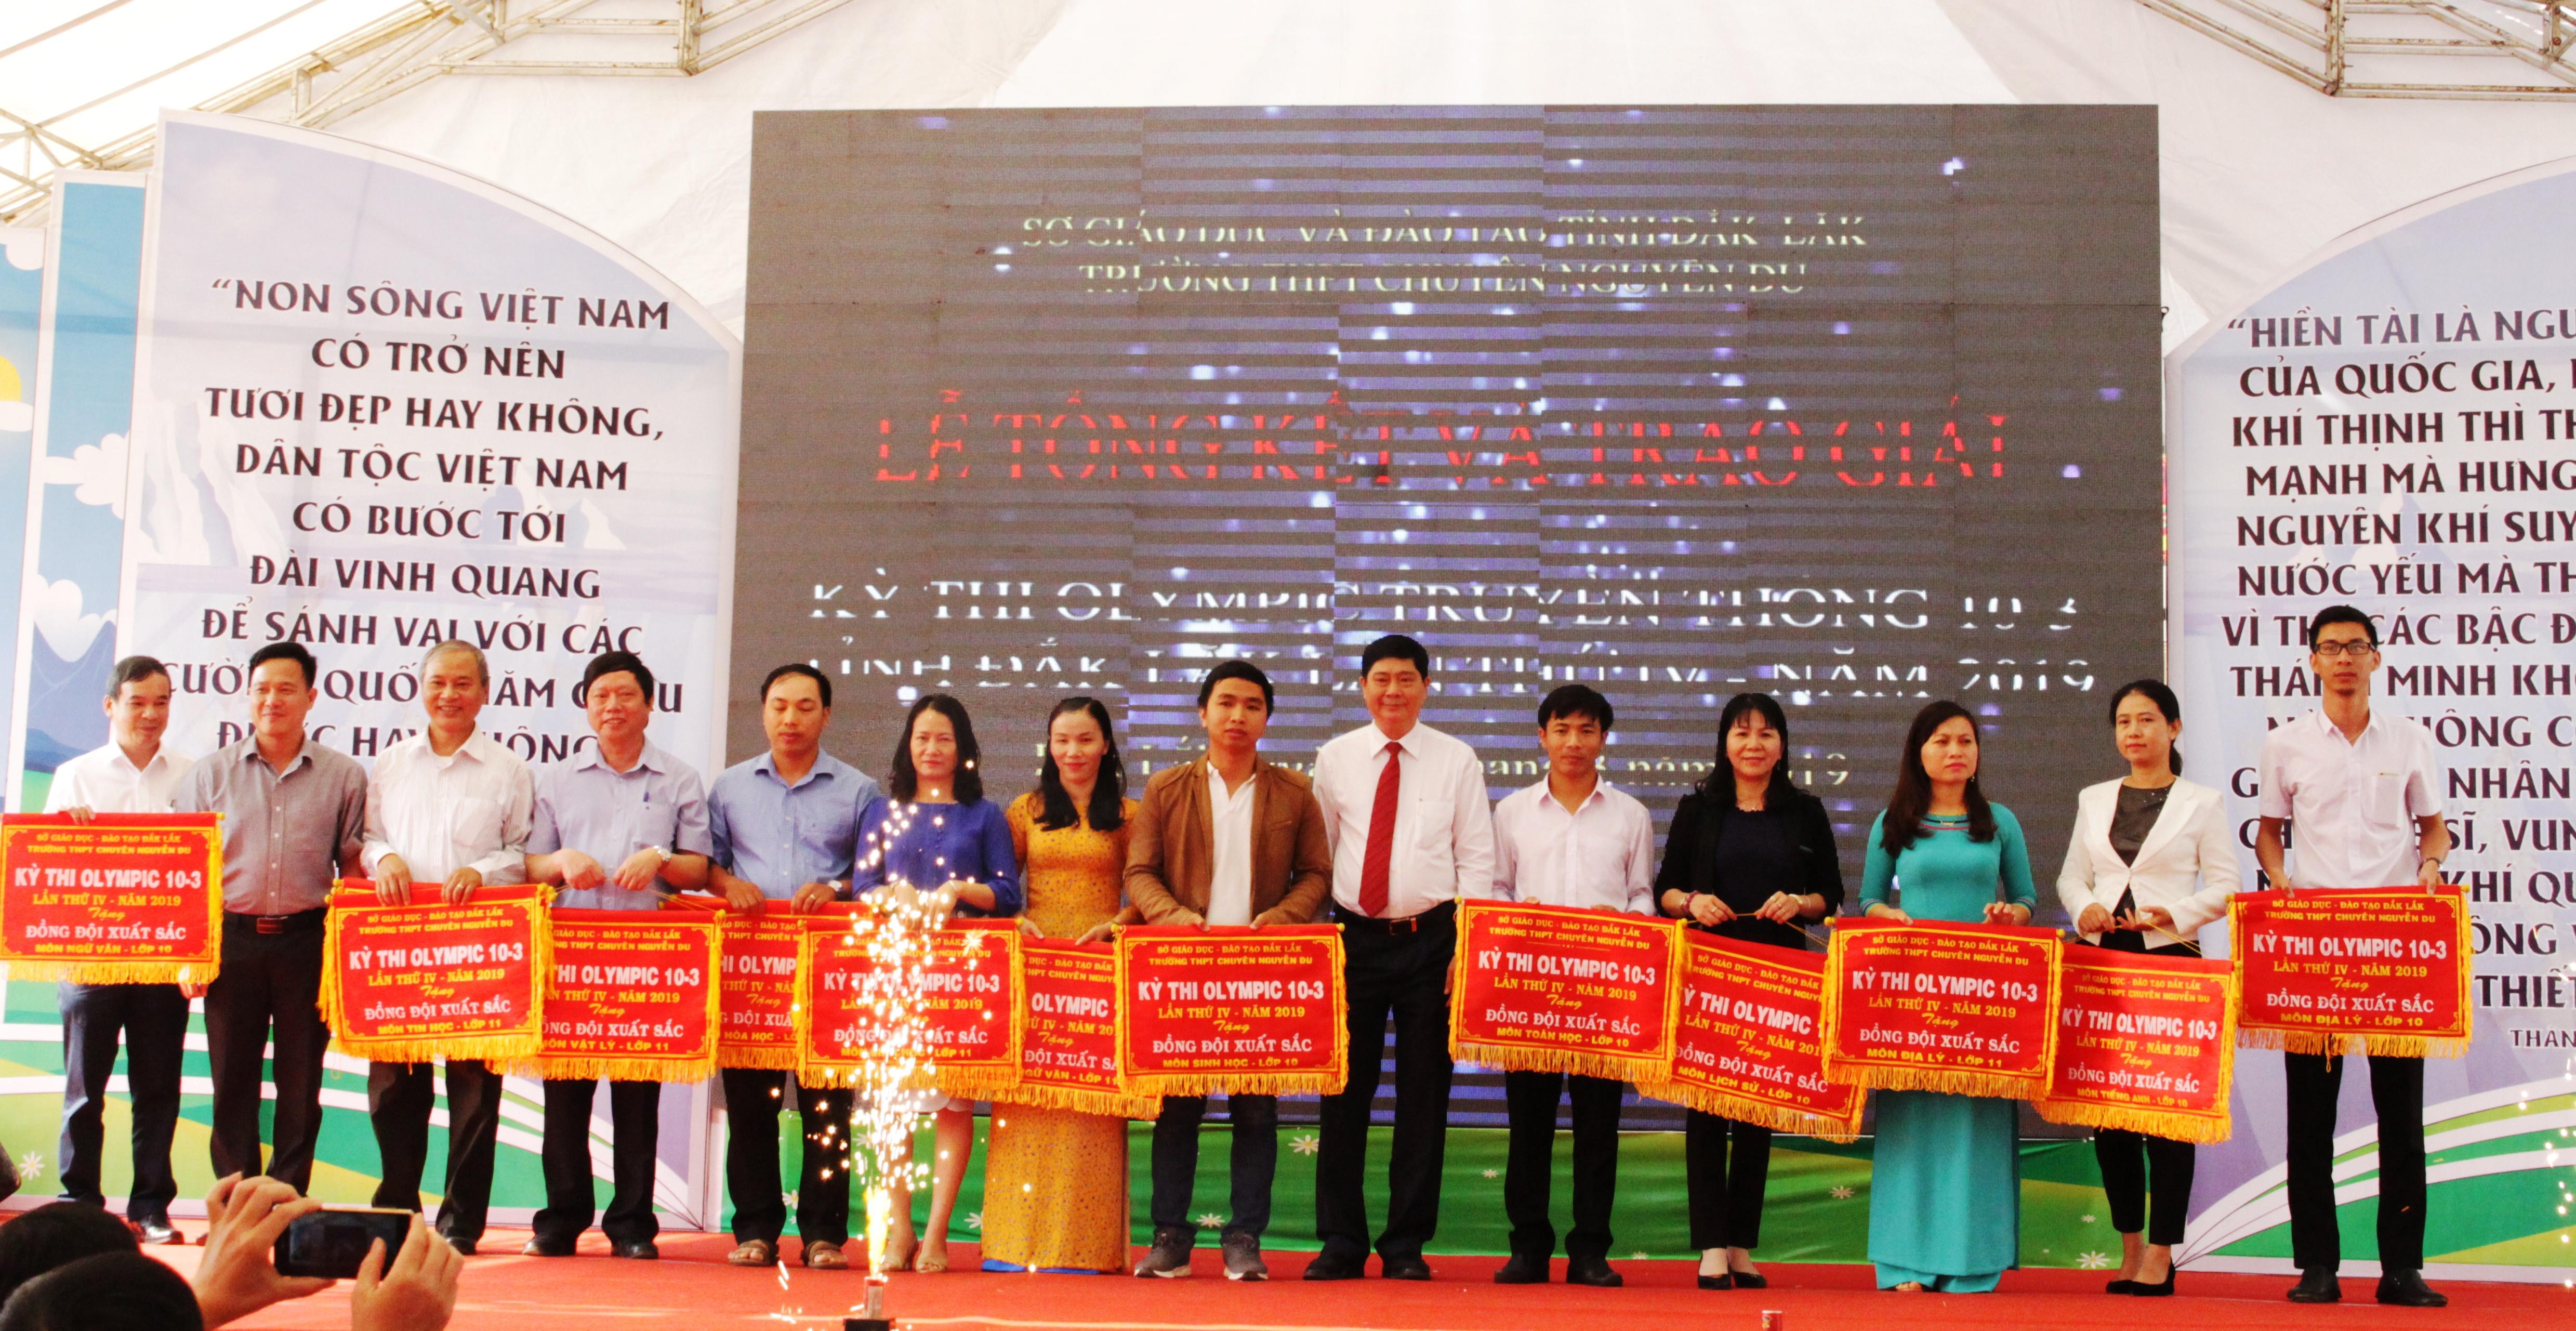 Kỳ thi Olympic truyền thống 10/3 lần thứ 4 năm 2019: Trường THPT chuyên Nguyễn Du dẫn đầu với 58 huy chương